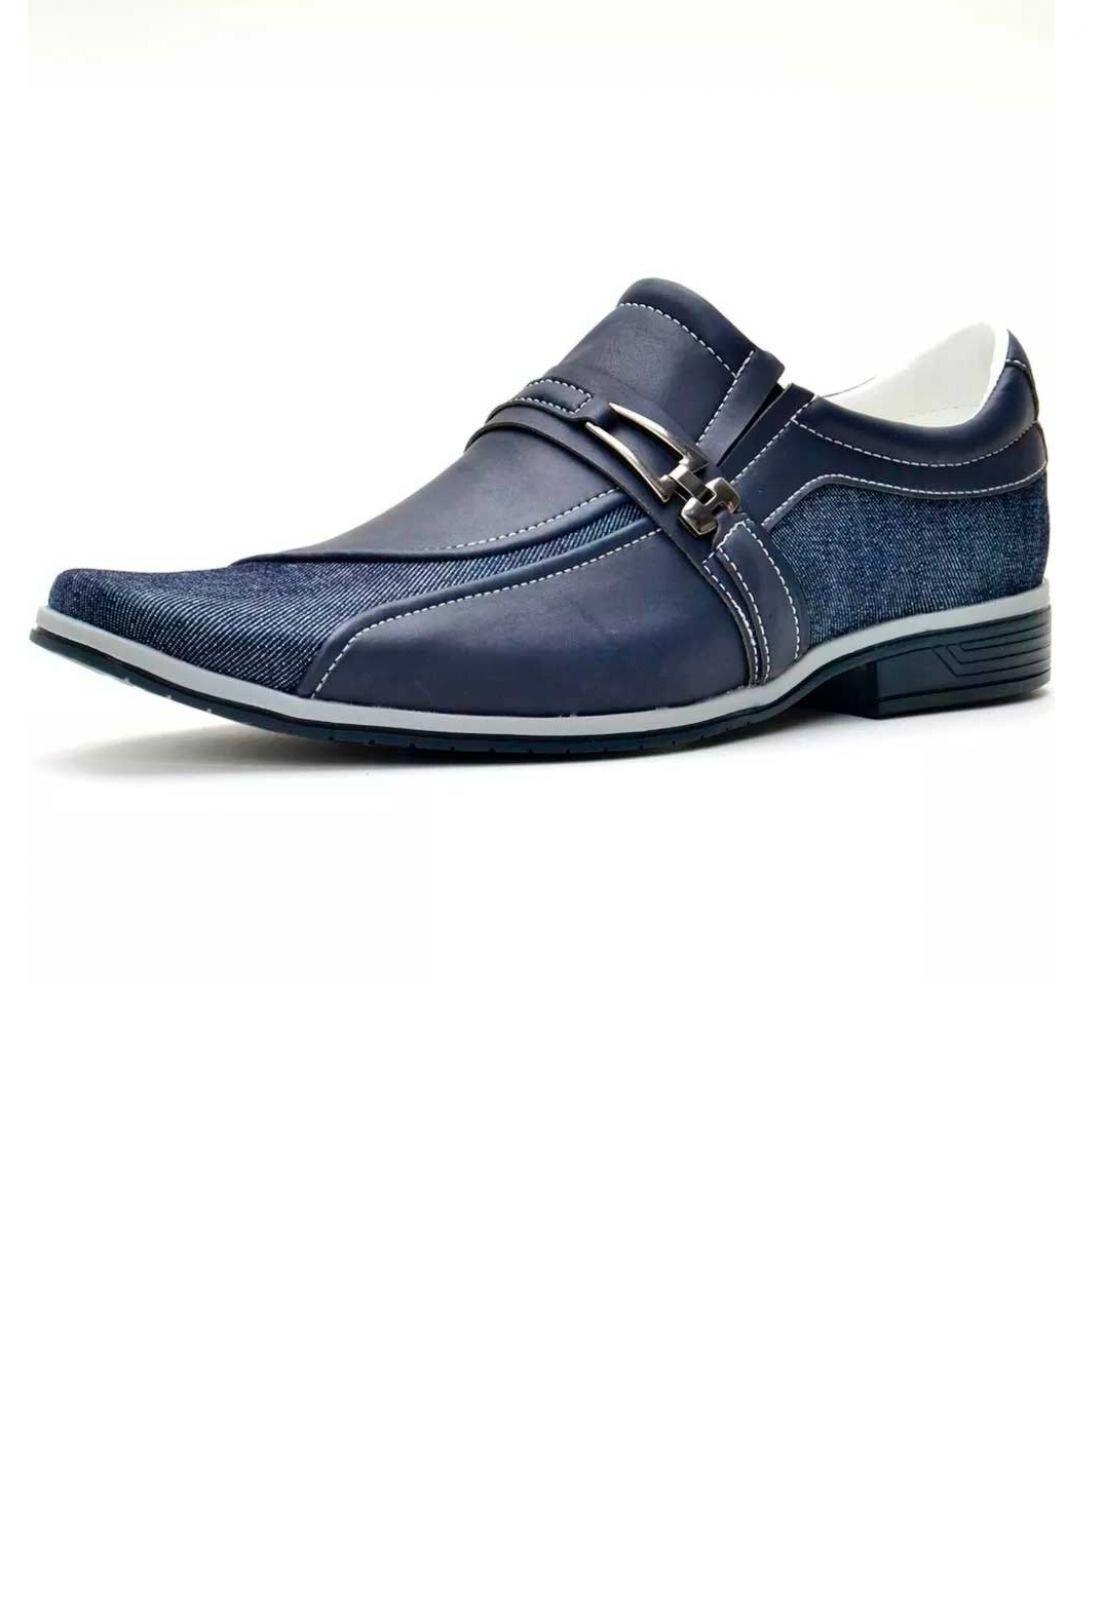 04 Dicas para usar Sapatos Sociais com Fivela com estilo